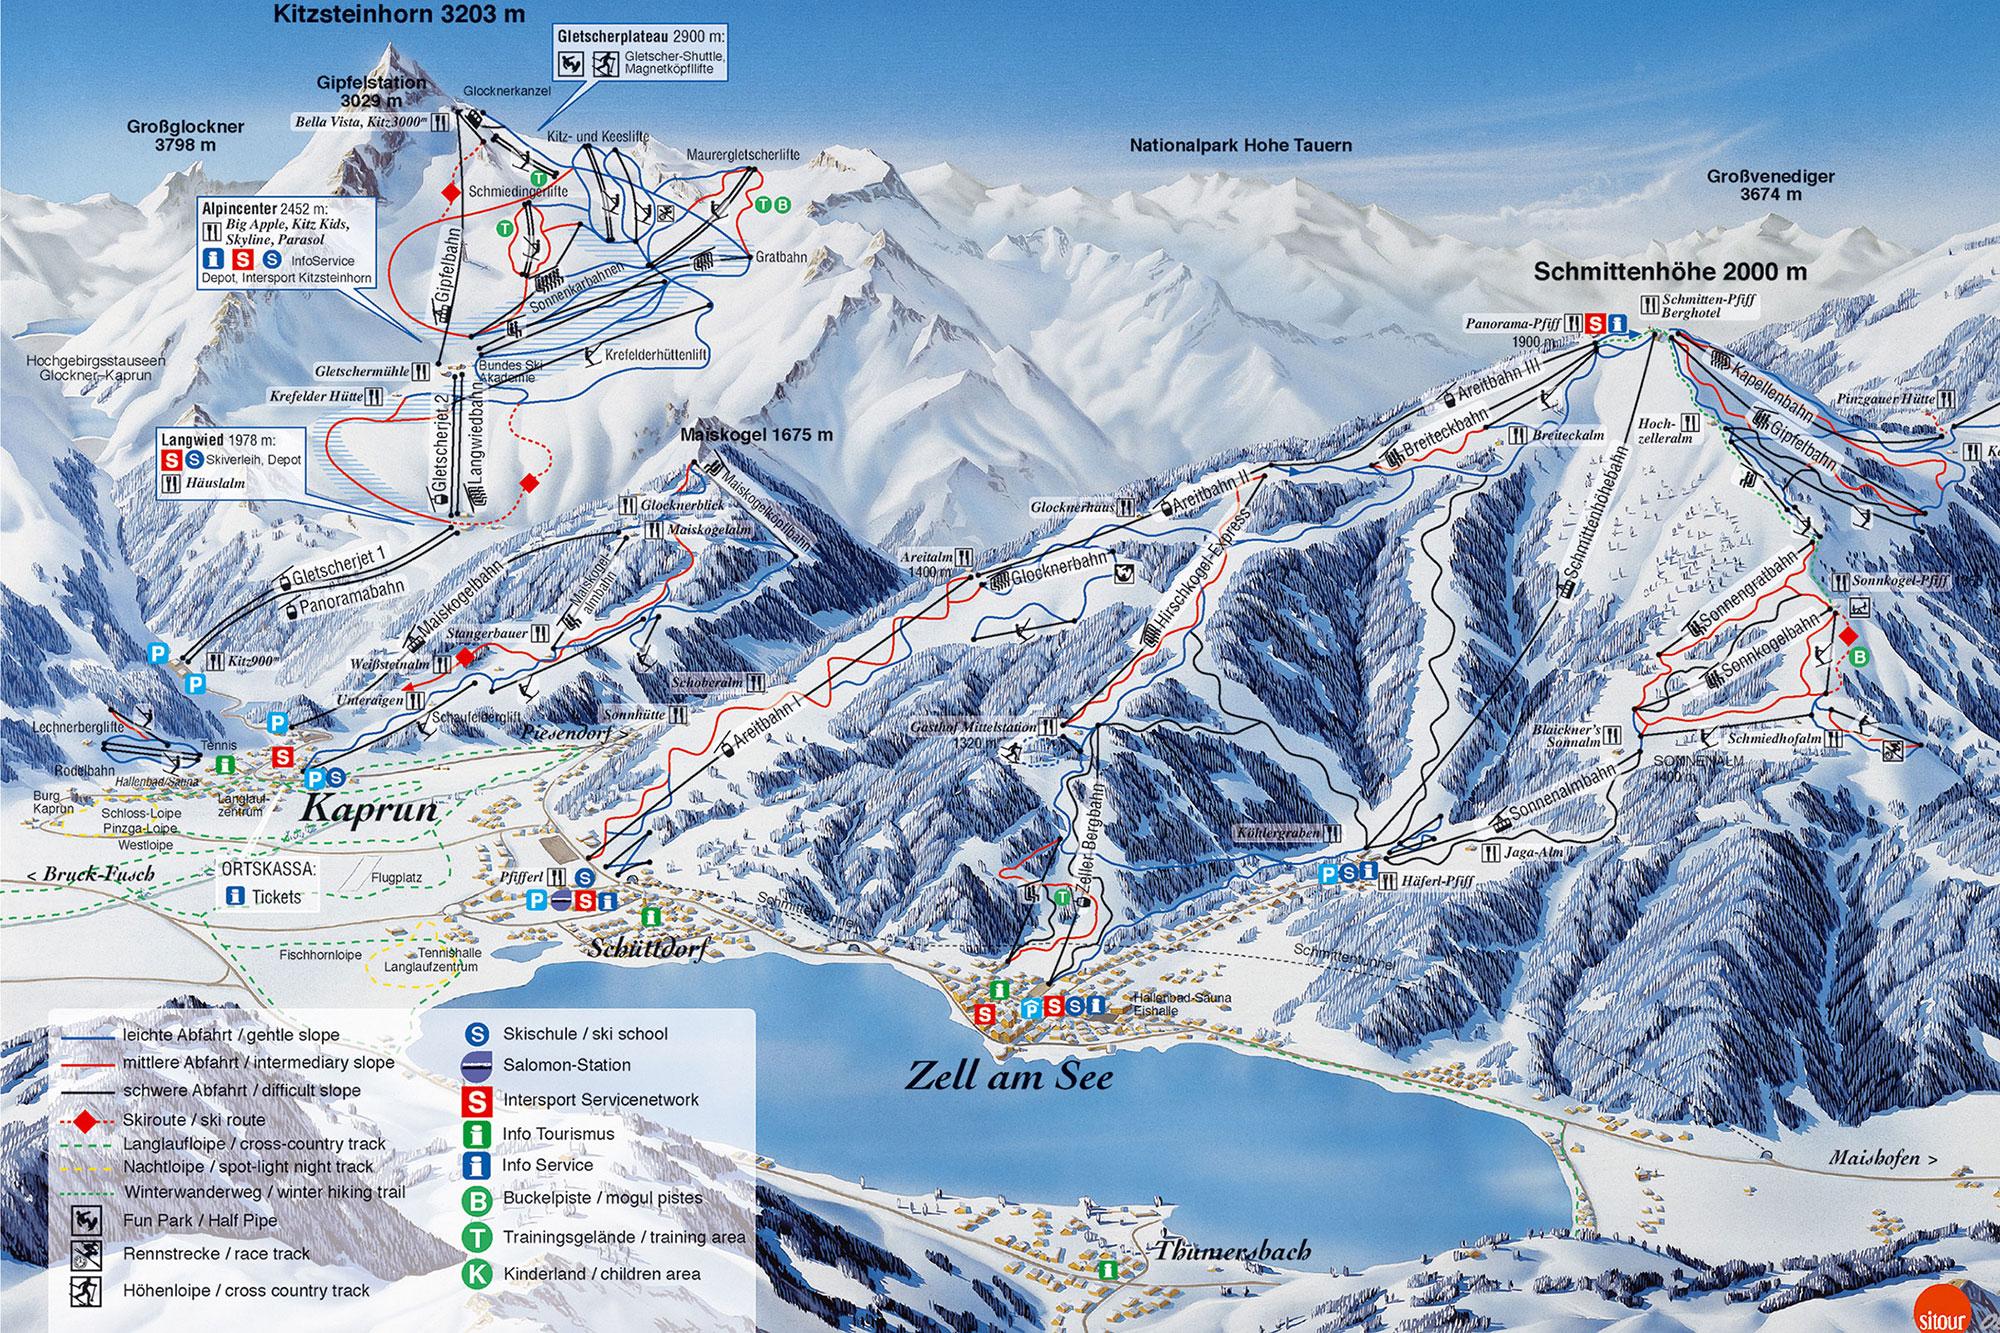 Winterkarte der Skigebiete